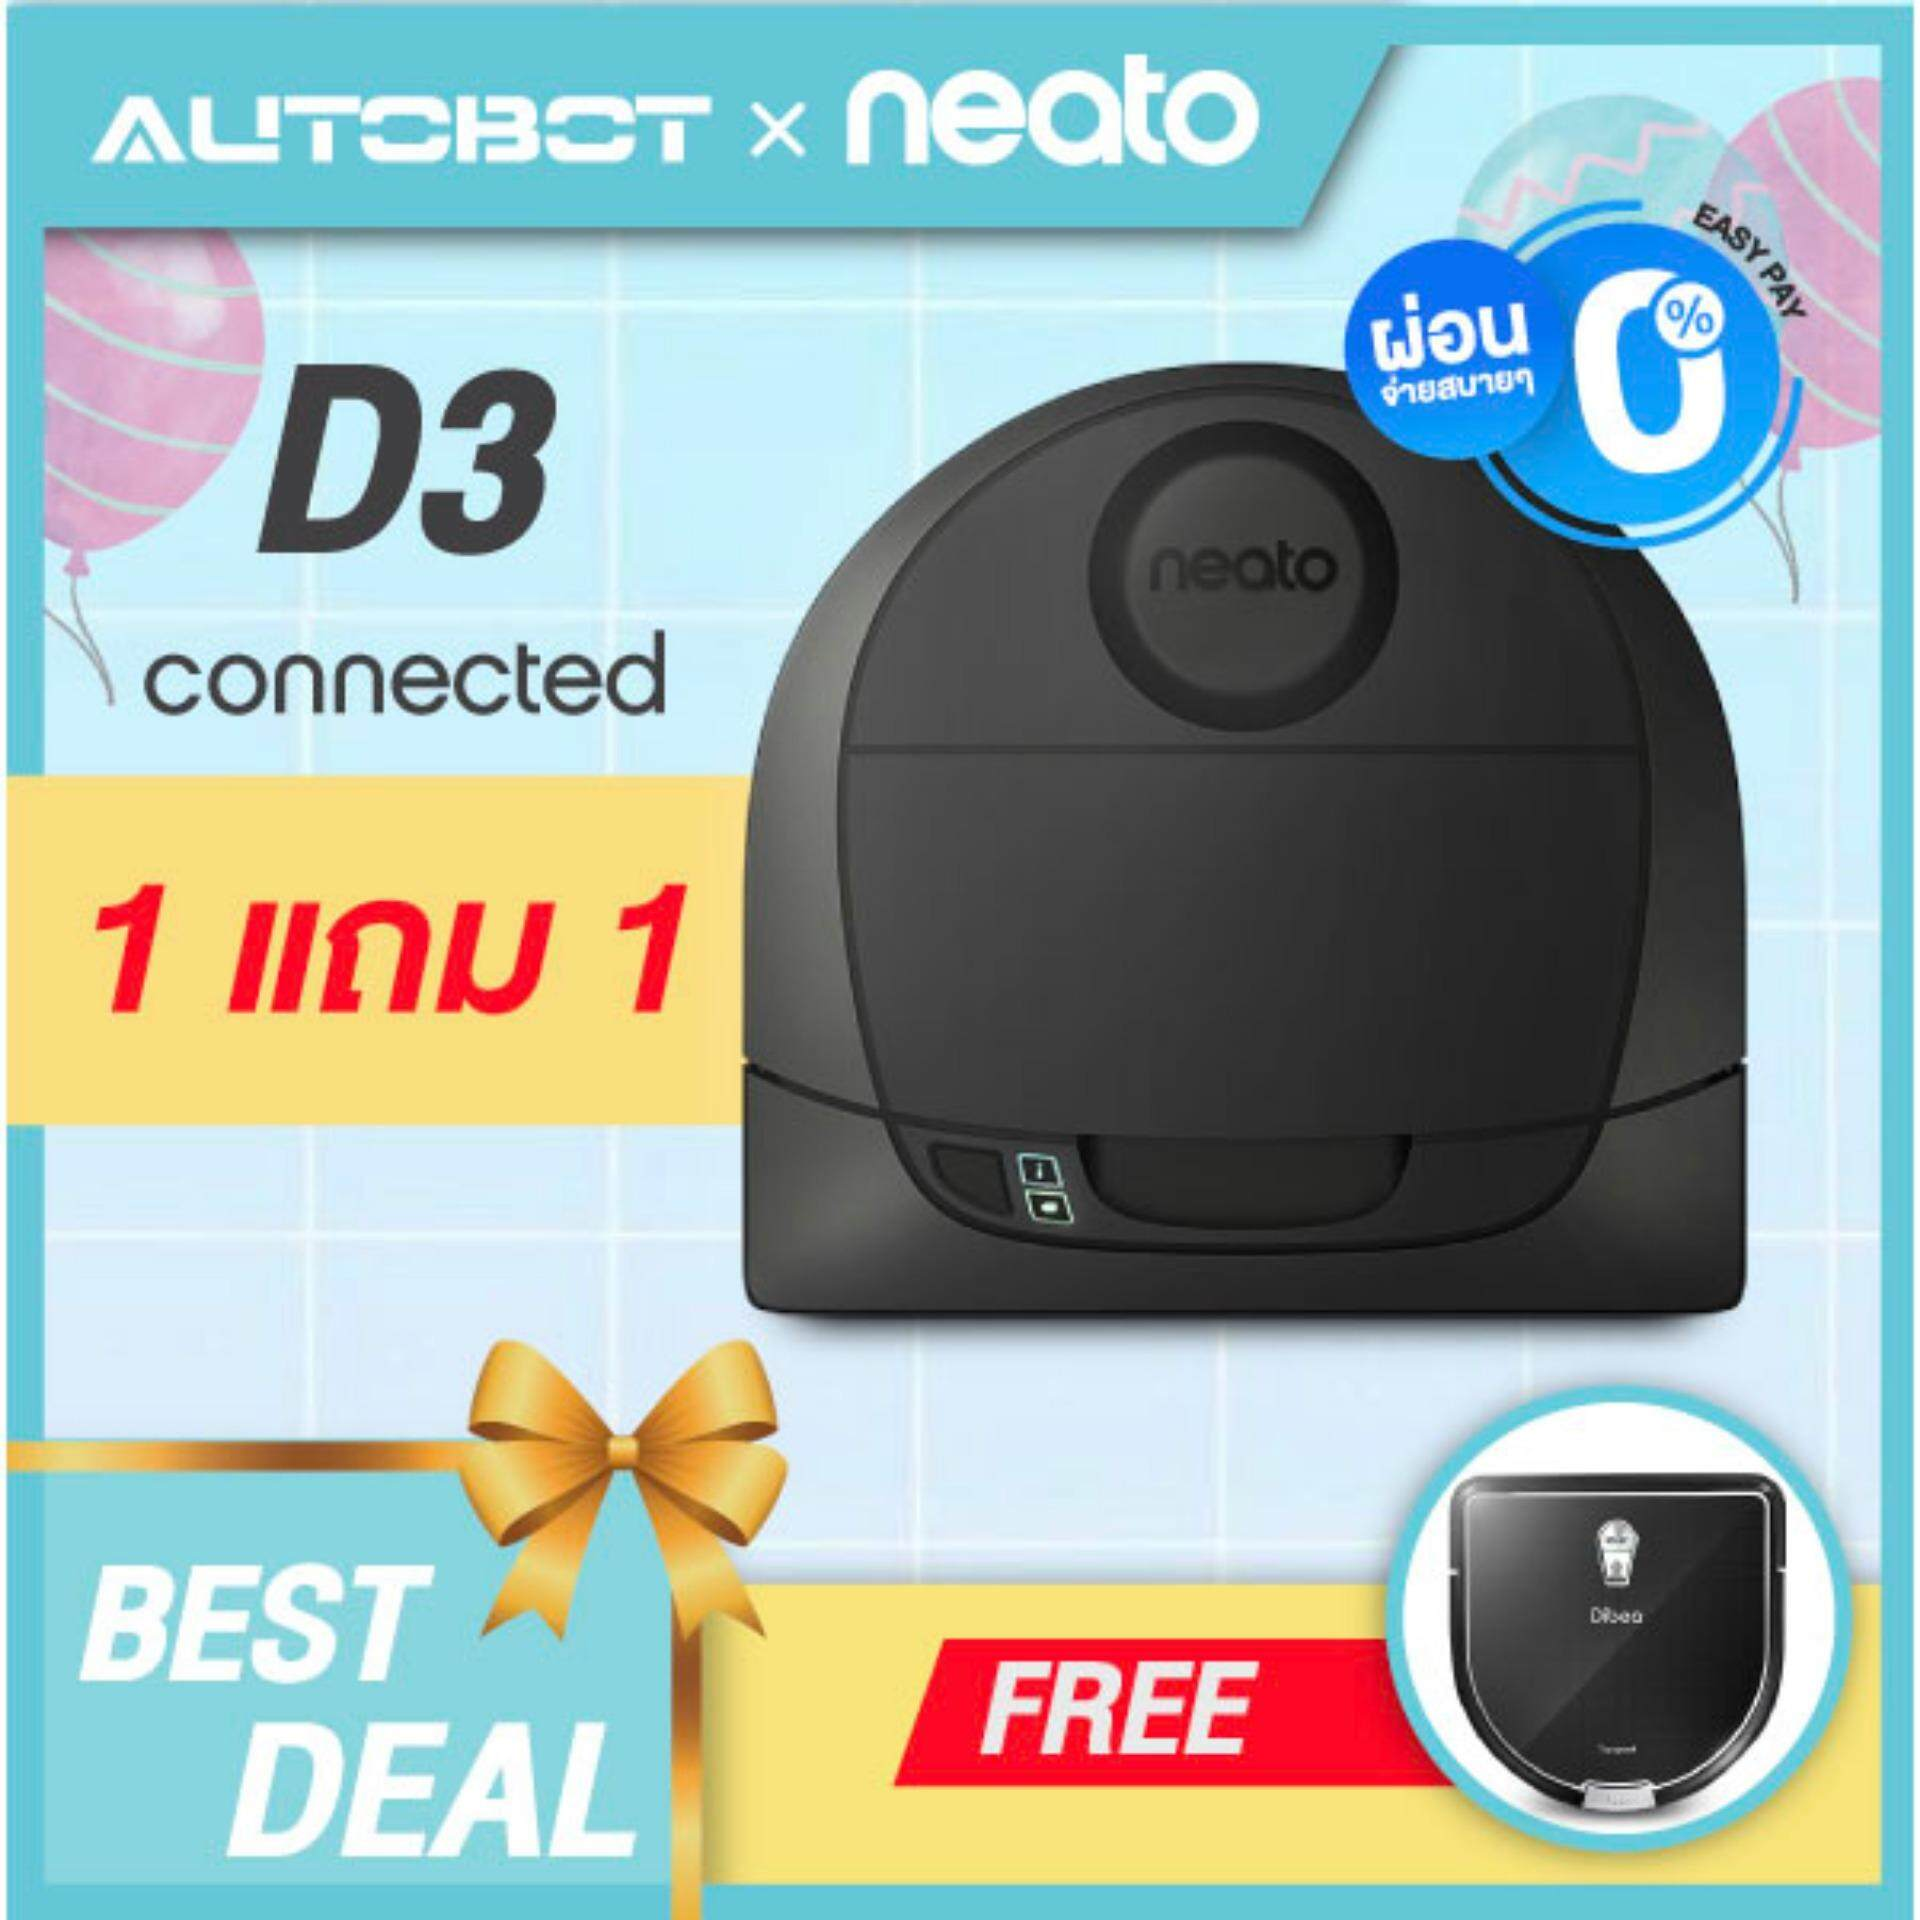 ใครเคยใช้  [ 1 แถม 1 ]  NEATO < USA robot > หุ่นยนต์ดูดฝุ่น โรบอท พลังดูดสูง ระบบเลเซอร์นำทางฉลาดที่สุด พร้อมต่อ WIFI สั่งงานได้ทุกที่ทุกเวลา รุ่น D3 connected [ FREE Dibea D960 ] ซื้อที่ไหนดี